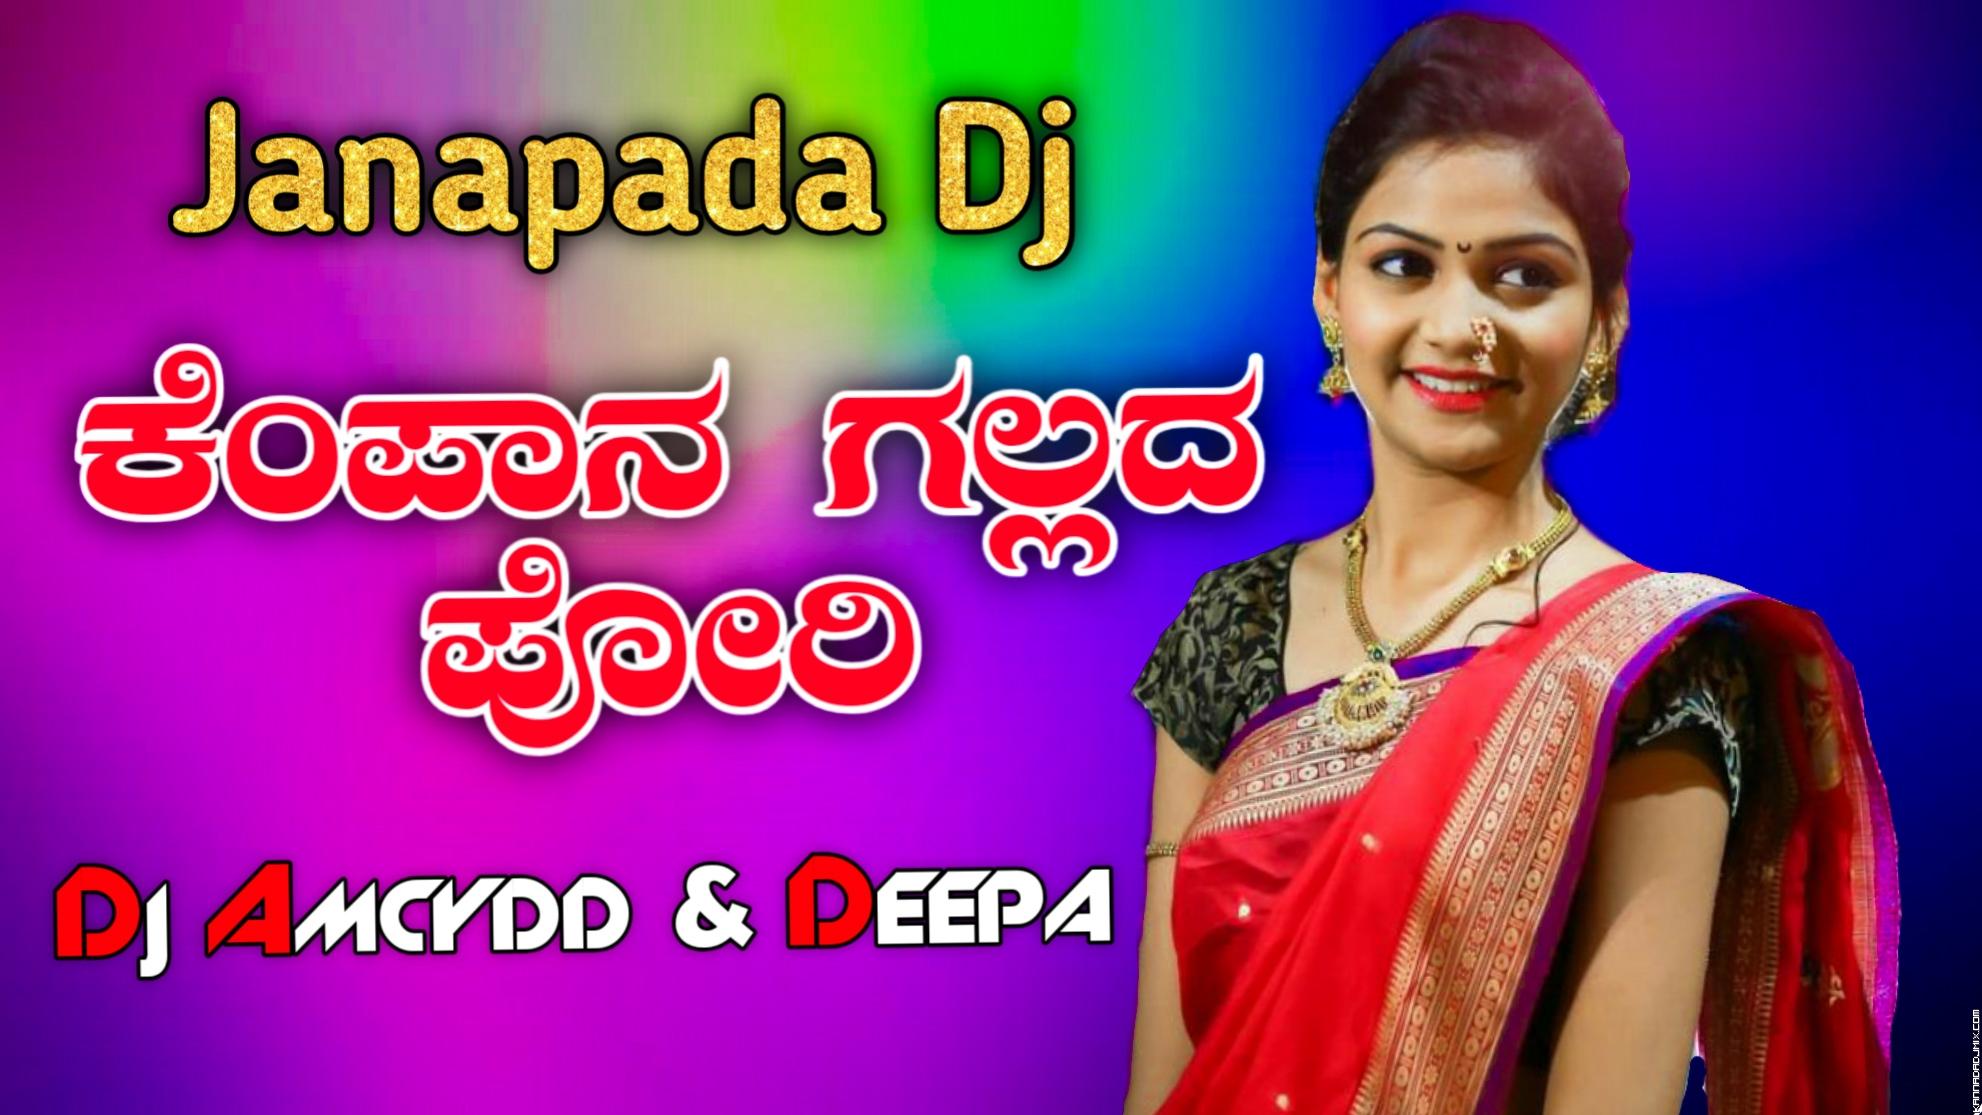 ಕೆಂಪಾನ ಗಲ್ಲದ ಪೋರಿ EDM Topori MiX DJ Amcydd & Deepa.mp3